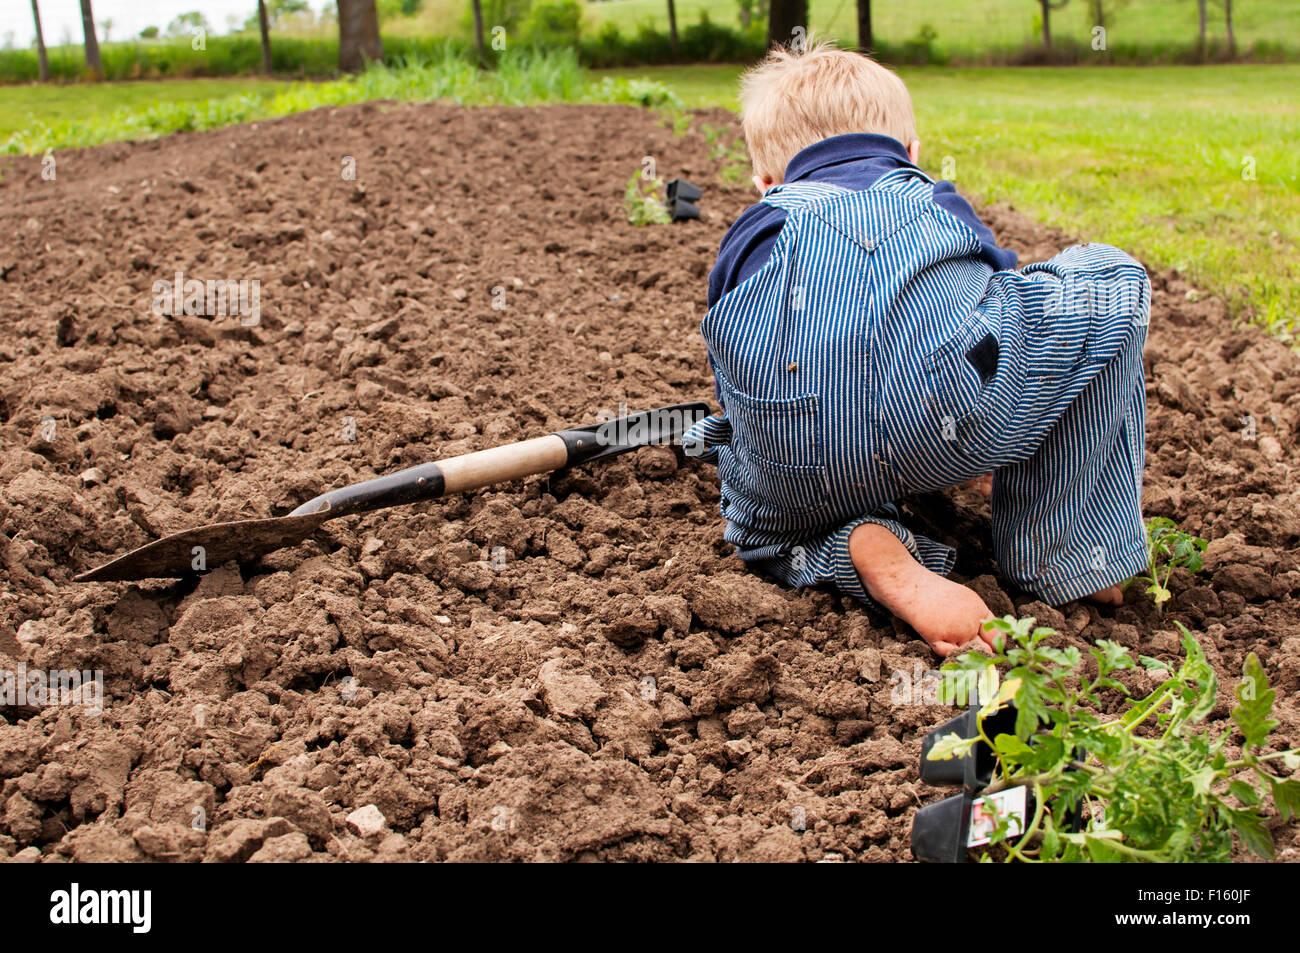 La plantation de printemps garçon tomates jardin Photo Stock